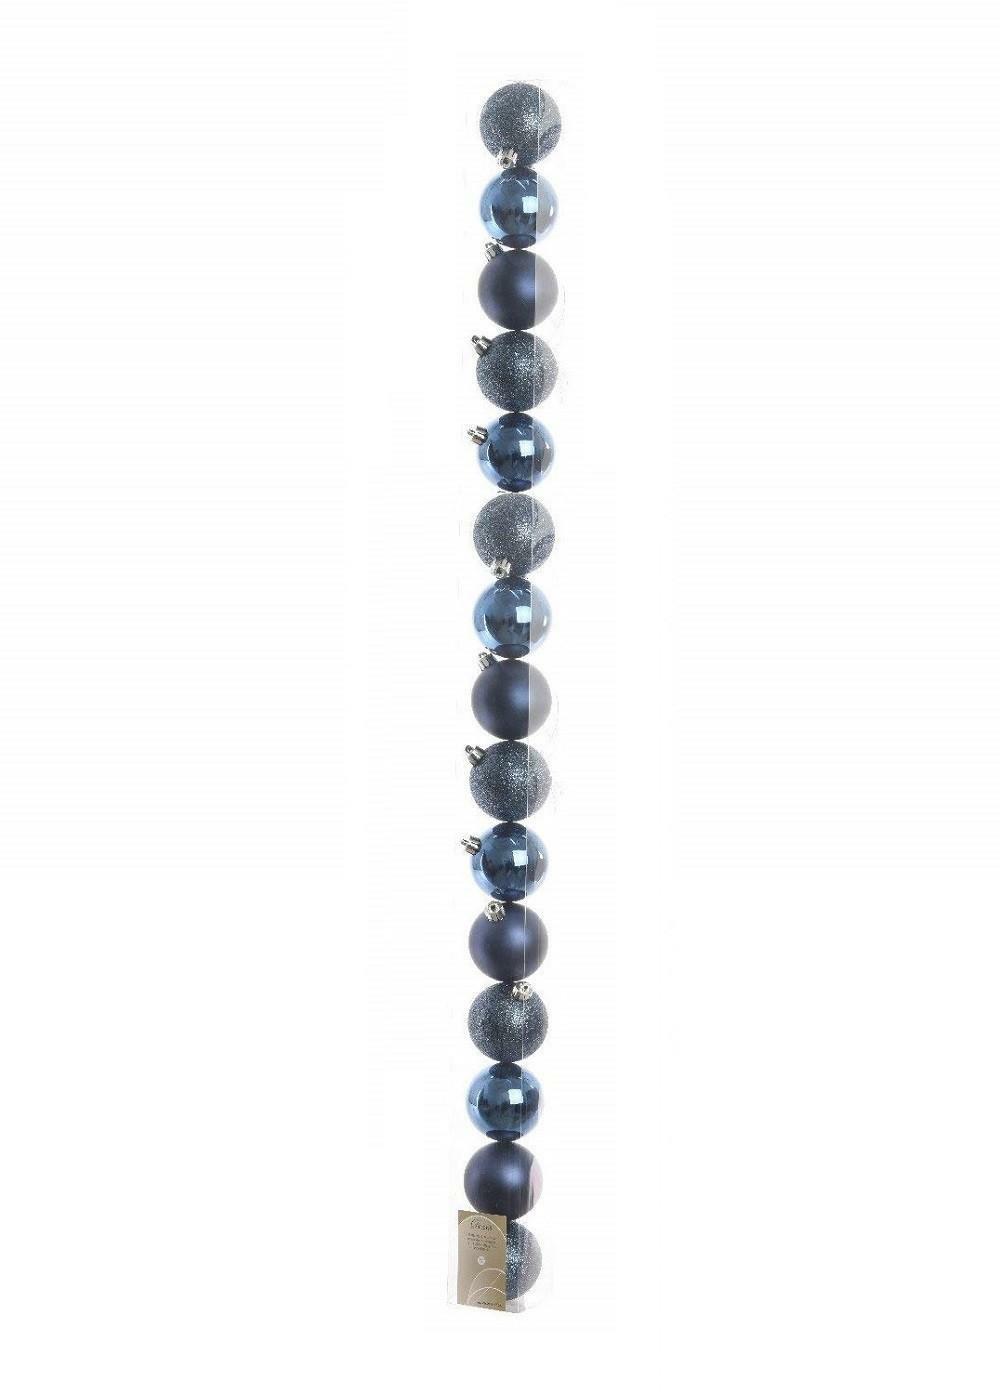 kaemingk kaemingk 15 palle r 3 cm - colore blu notte